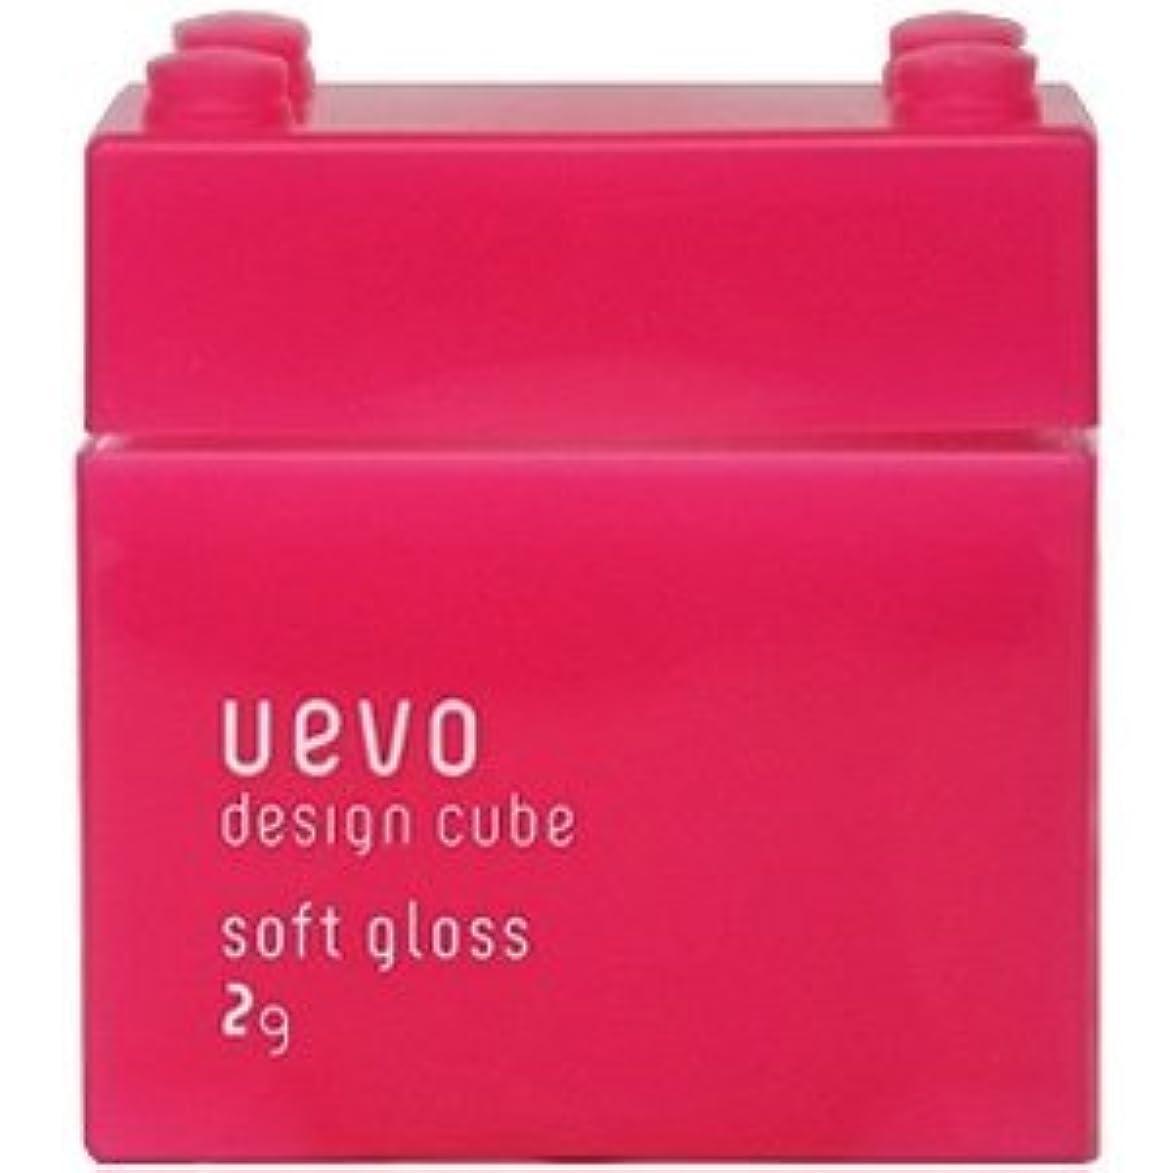 マサッチョ進捗お肉【X2個セット】 デミ ウェーボ デザインキューブ ソフトグロス 80g soft gloss DEMI uevo design cube